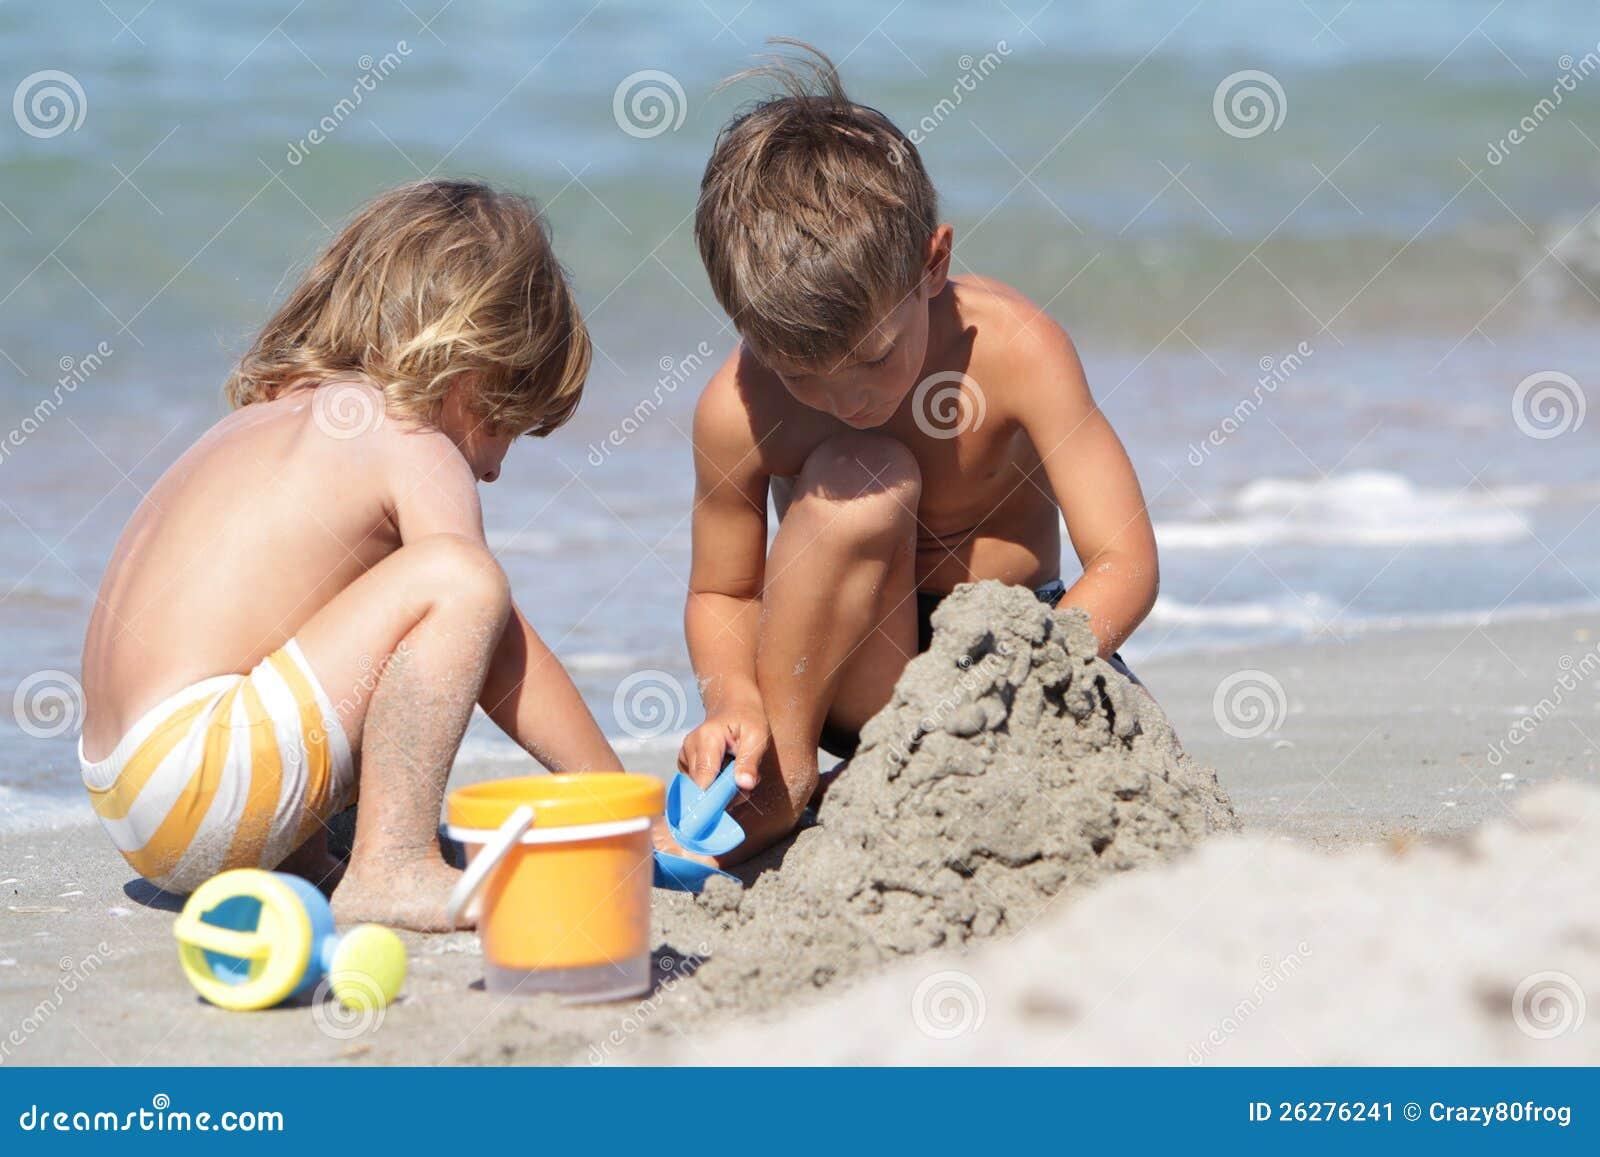 Фото детей с нудийский пляж